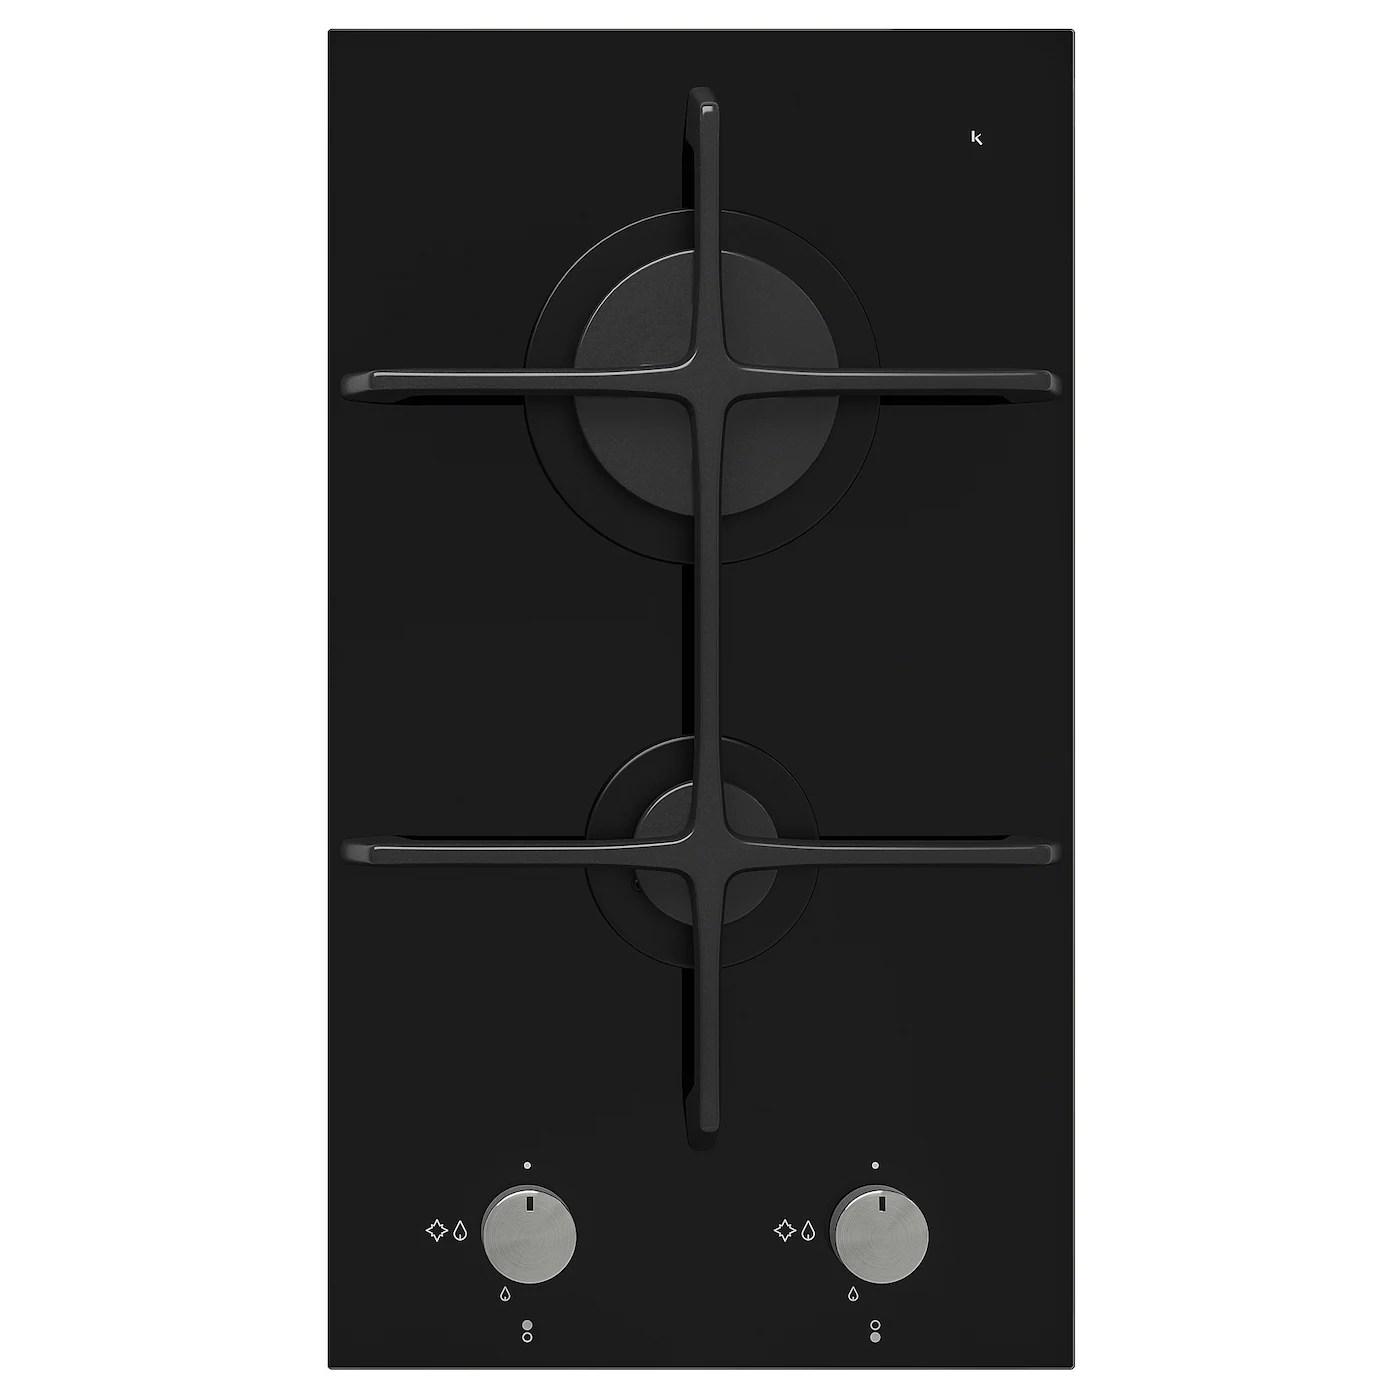 mojlig table de cuisson gaz 2 bruleurs noir 29 cm